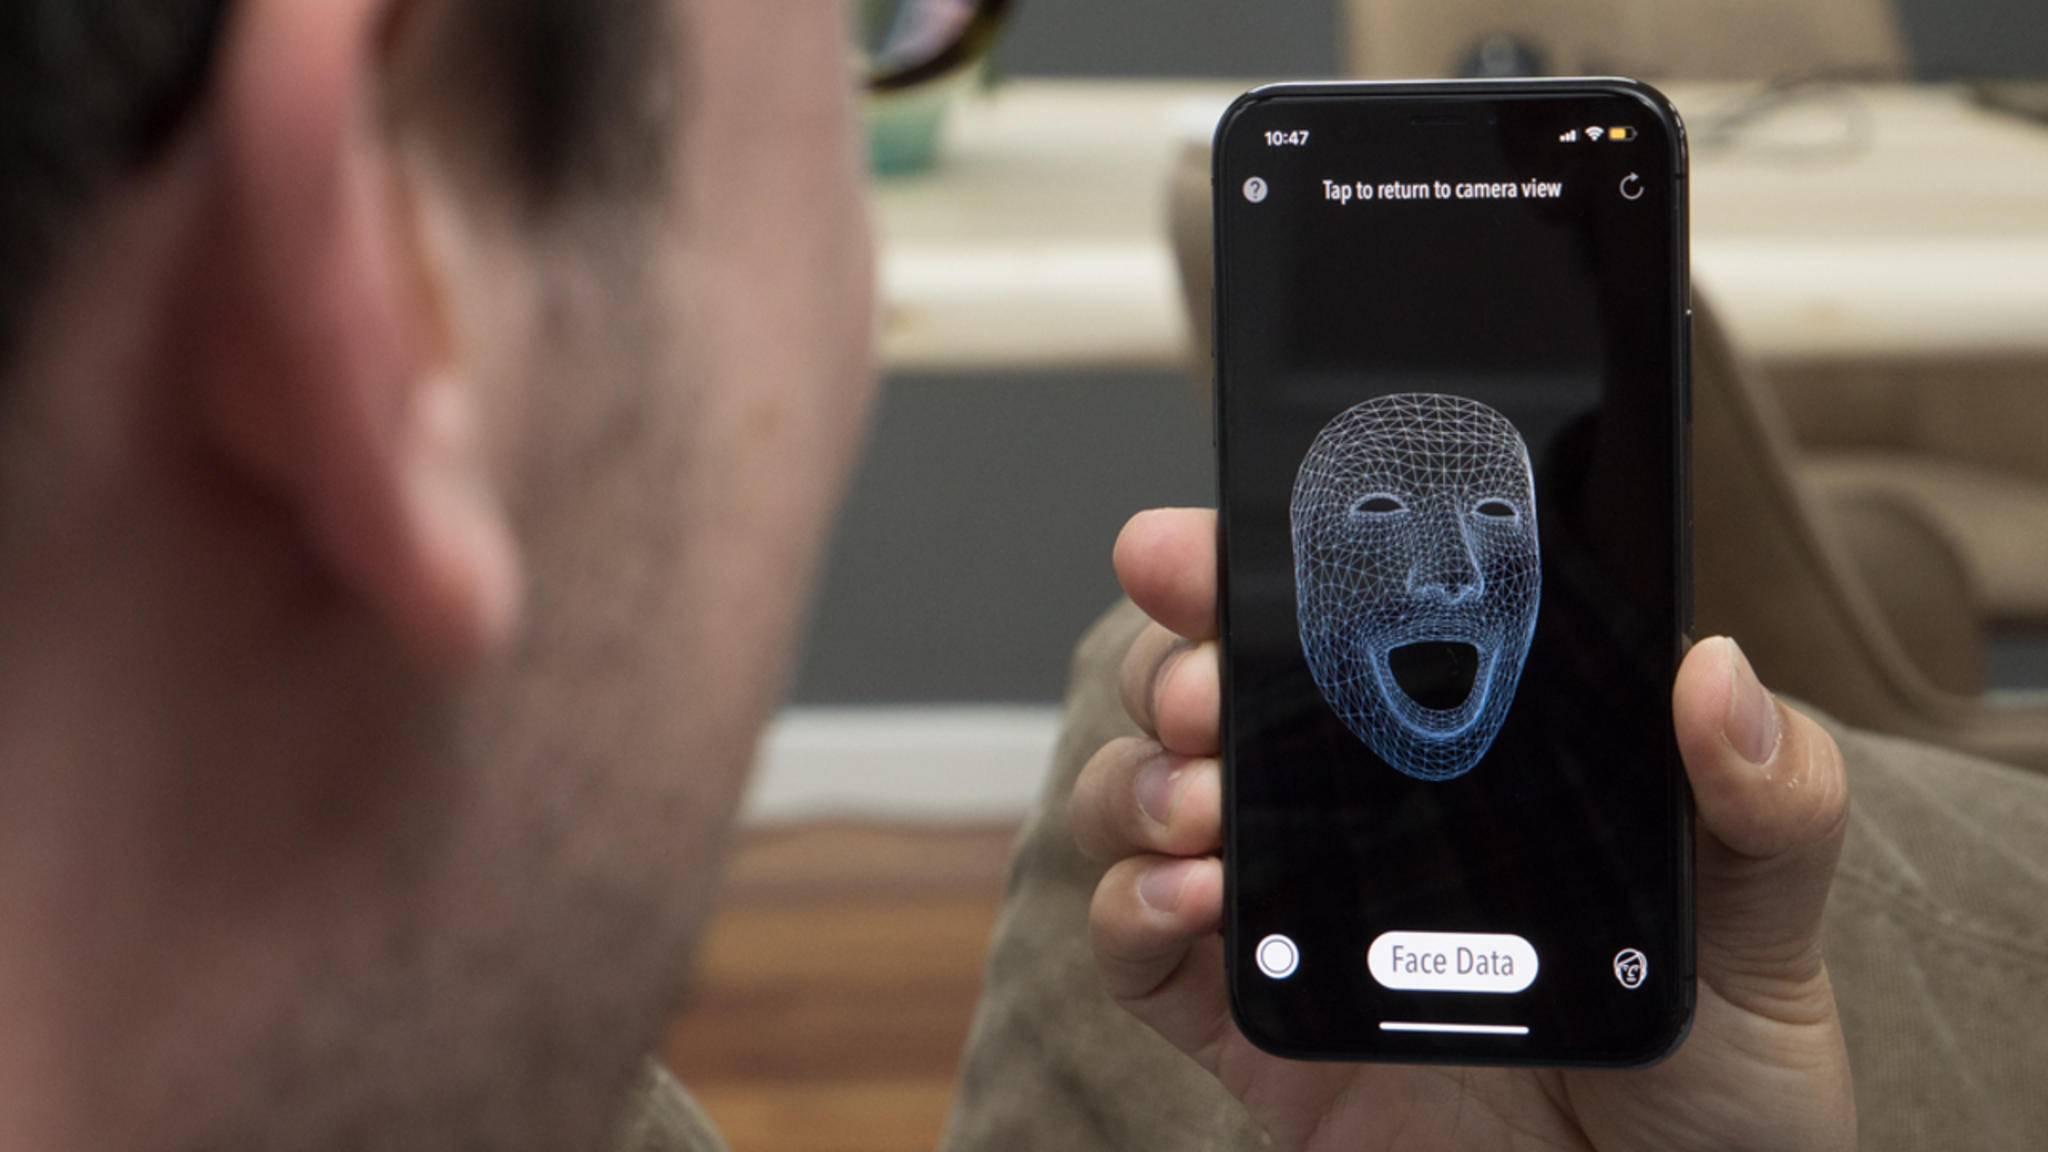 Zwischen Gesicht und iPhone sollte ein Abstand zwischen 25 und 50 Zentimetern eingehalten werden.